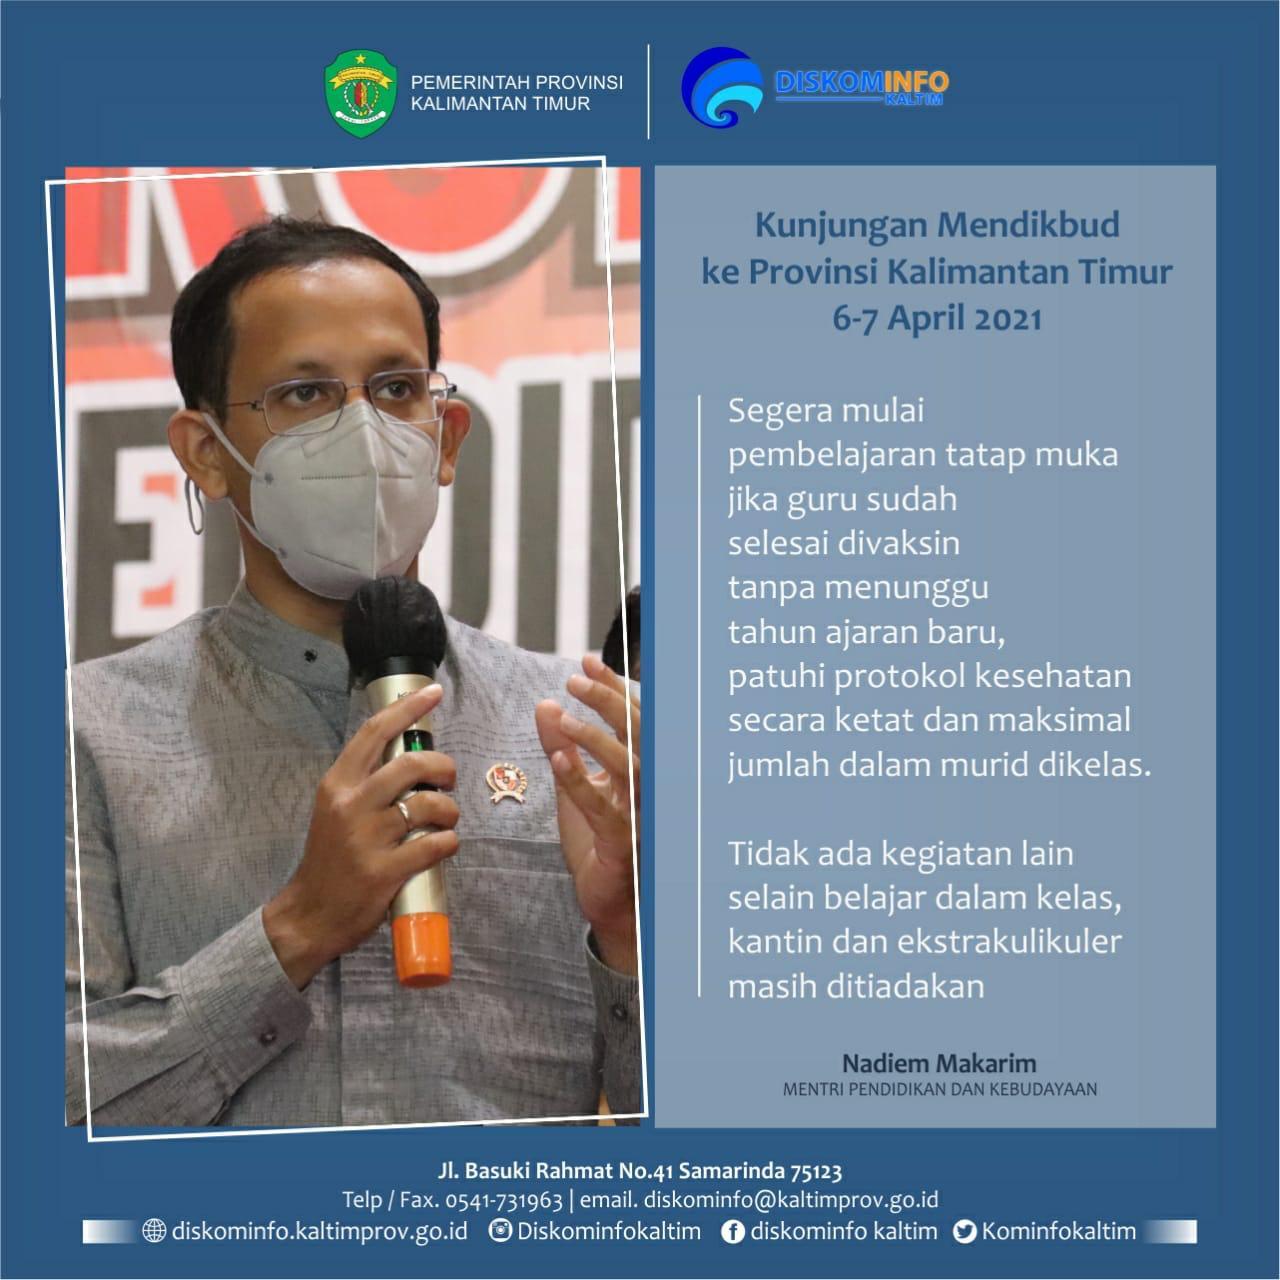 Pesan Mendikbud dalam kunjungan ke Kalimantan Timur pada tanggal 6-7 April 2021.